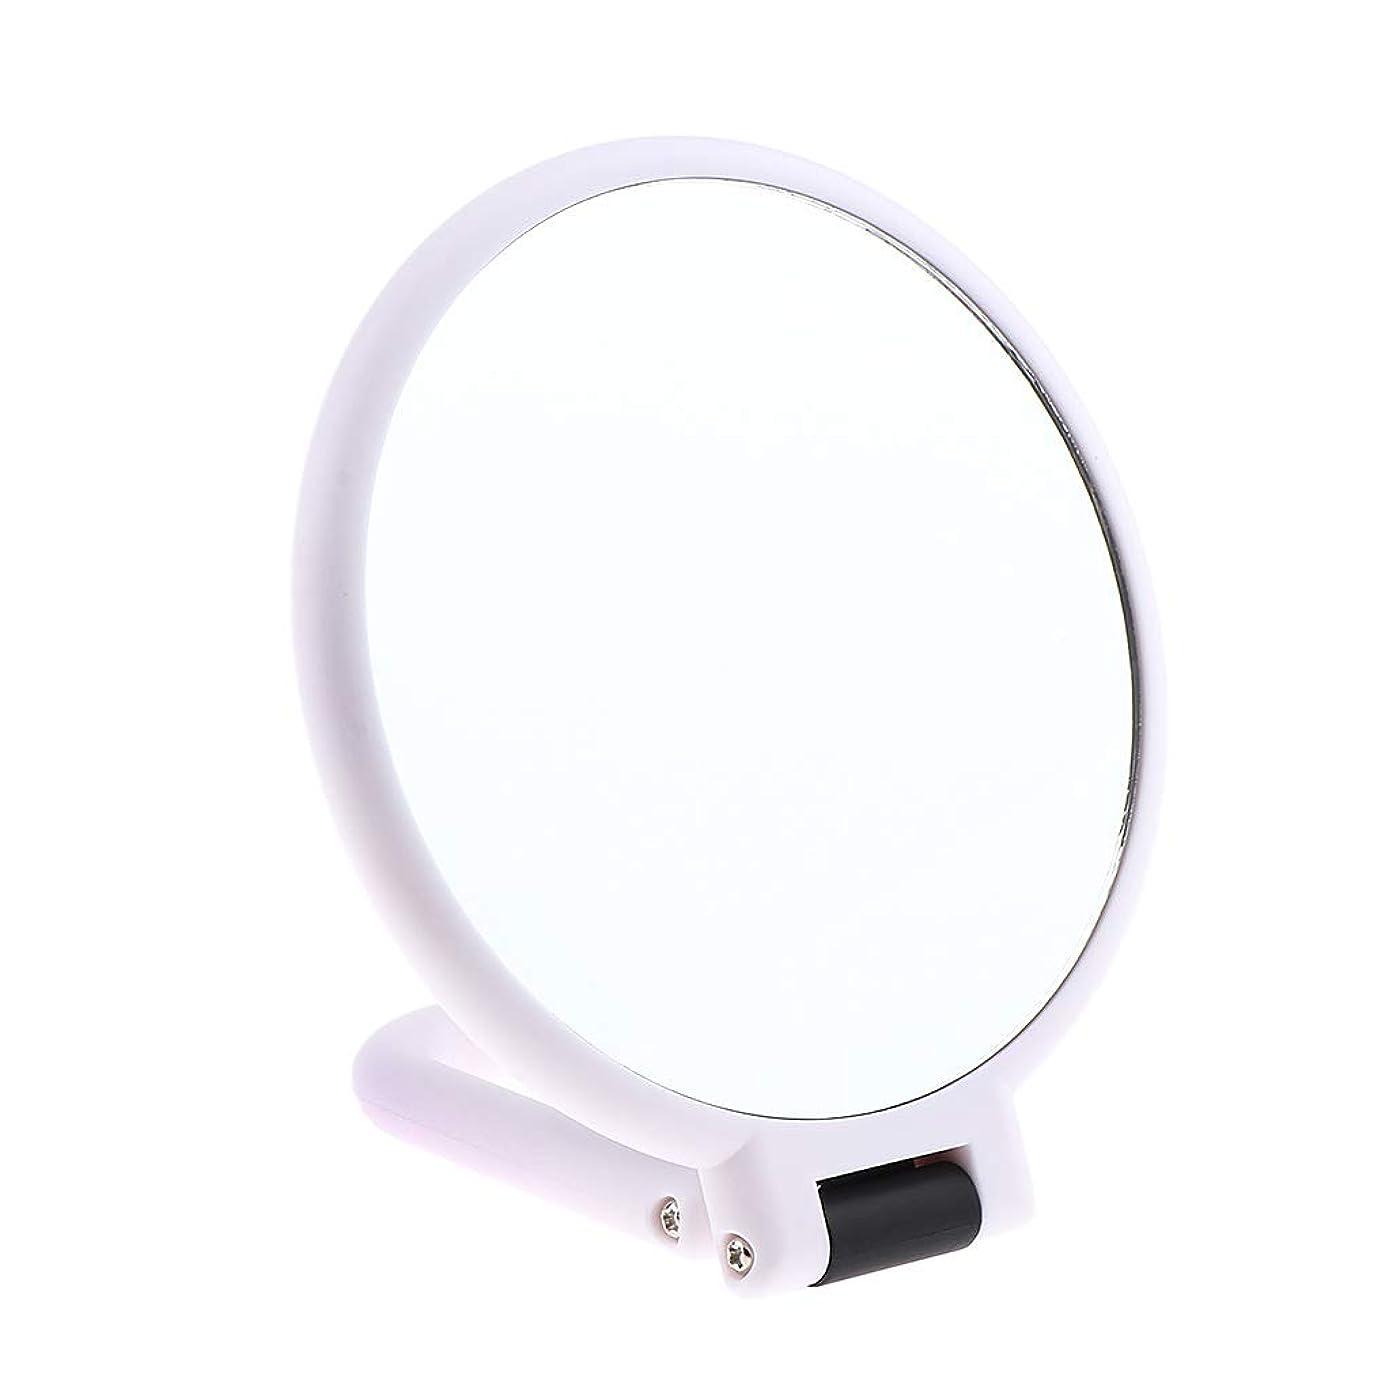 首尾一貫した頭痛検査B Blesiya 両面化粧鏡 拡大鏡 ラウンド メイクアップミラー お化粧 ホワイト 5仕様選べ - 5倍